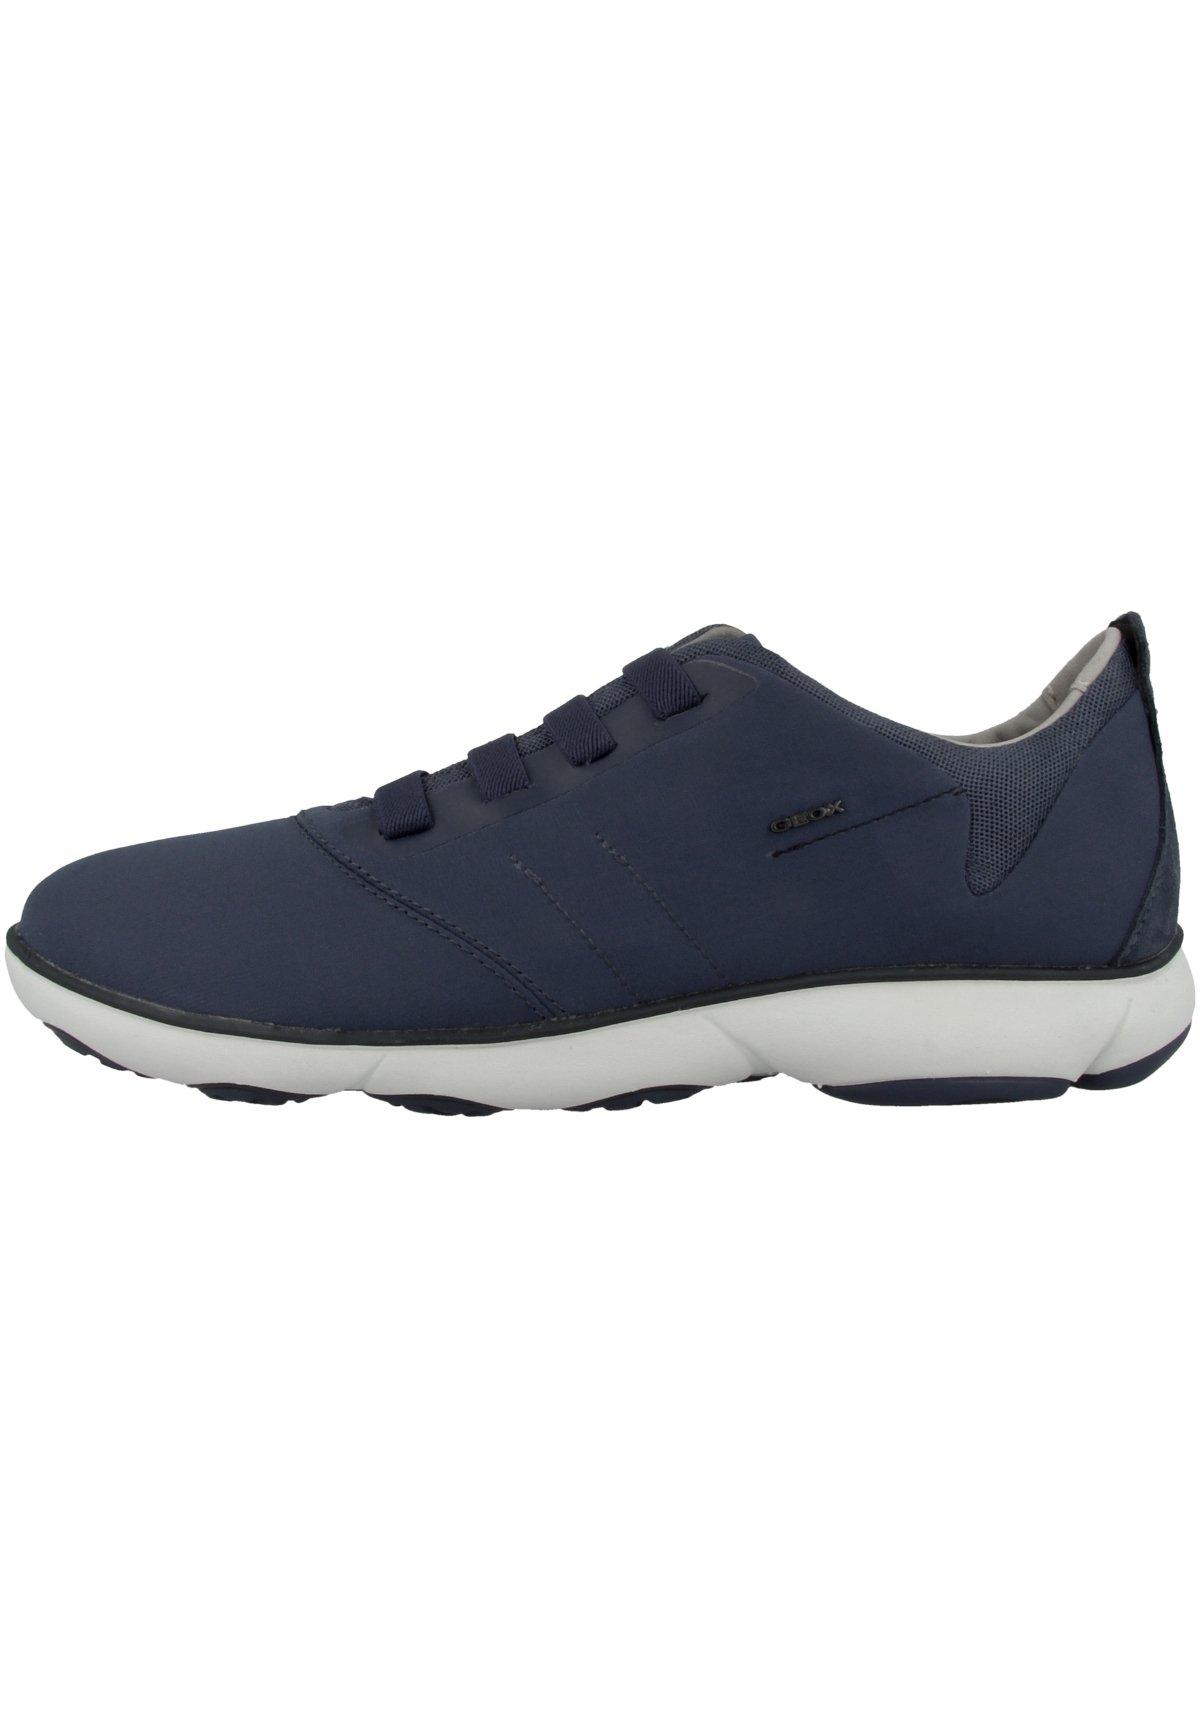 Herren Sneaker low - dark blue